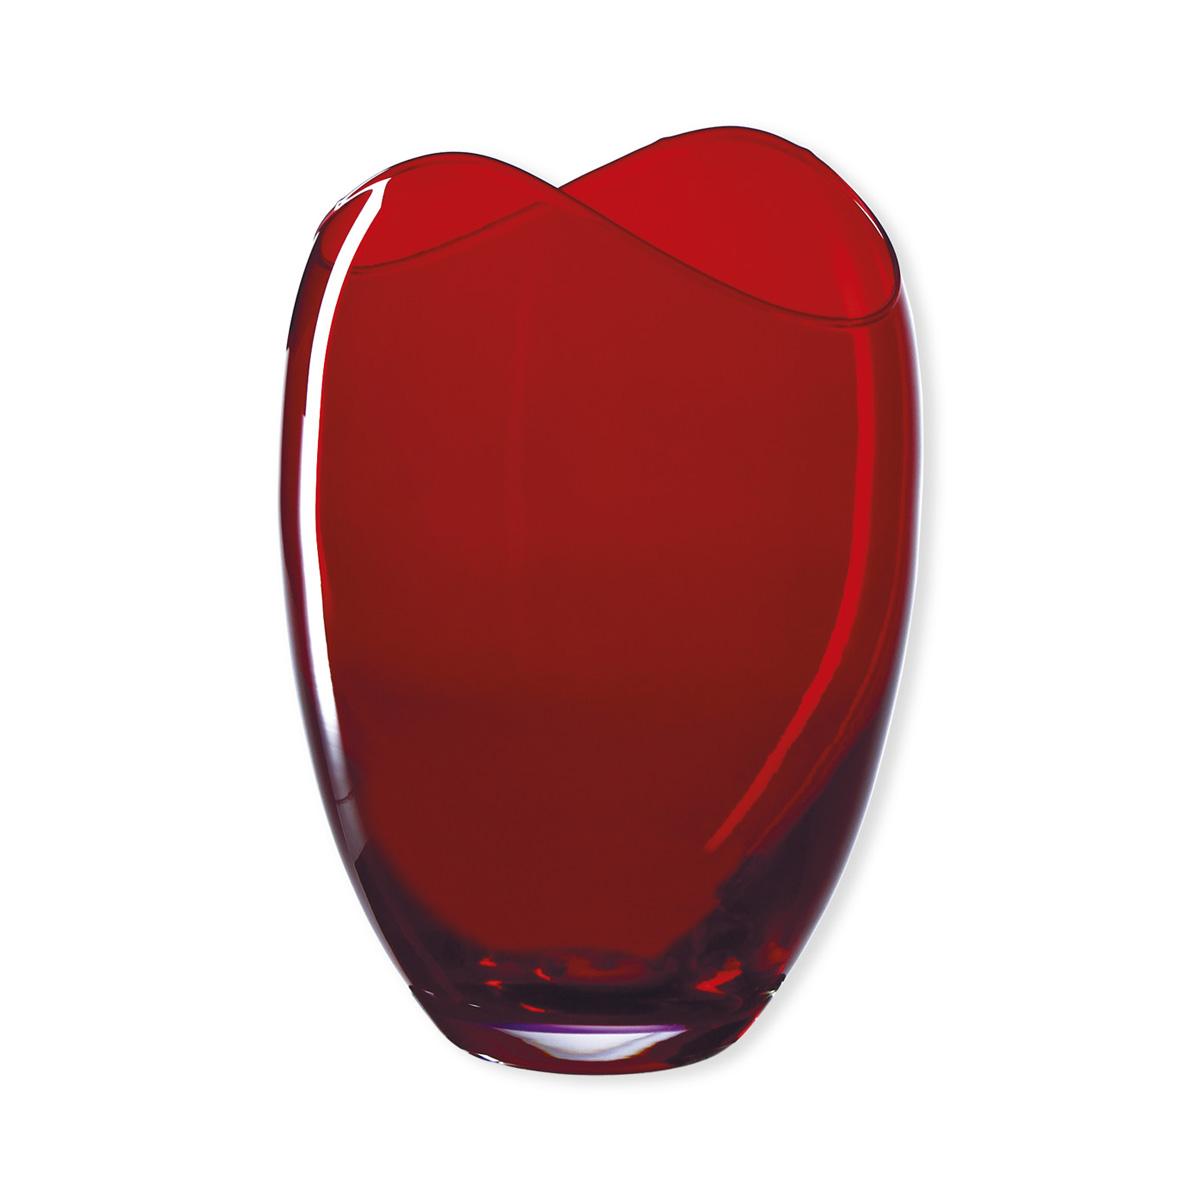 vase en verre rouge verrerie design et tendance bruno evrard. Black Bedroom Furniture Sets. Home Design Ideas